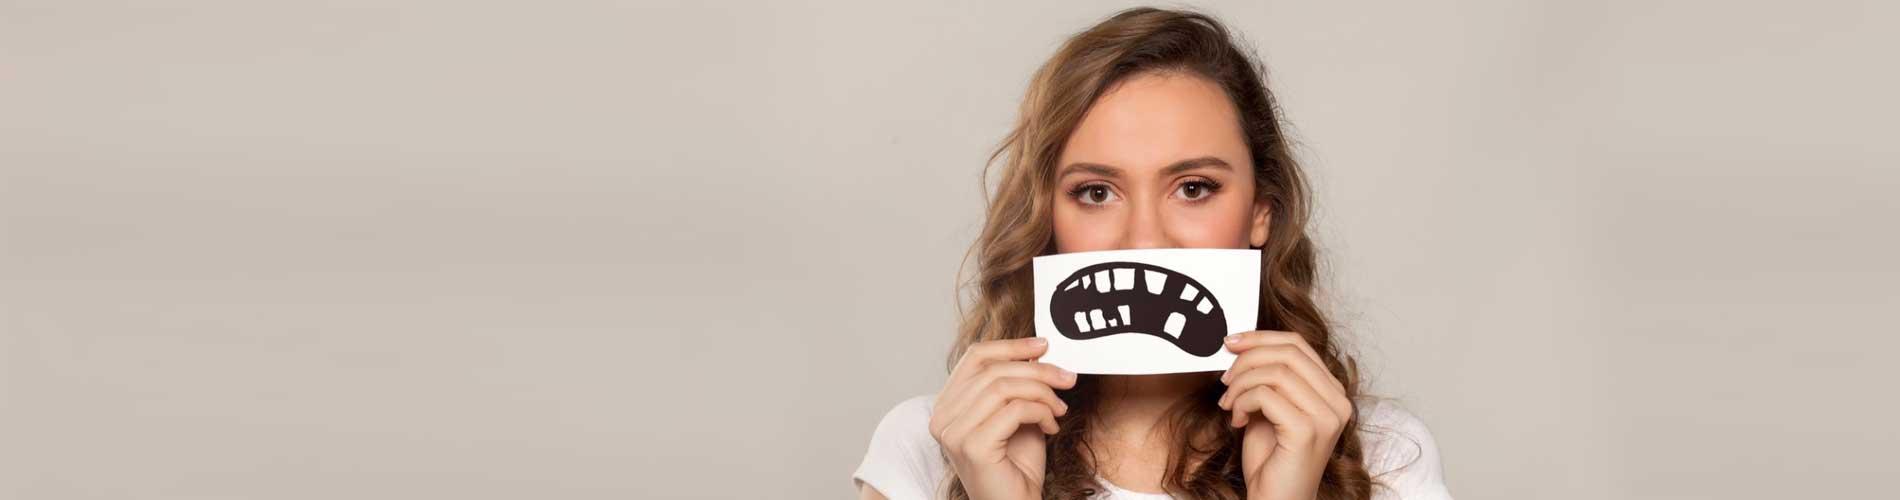 4 привычки которые быстро портят зубы